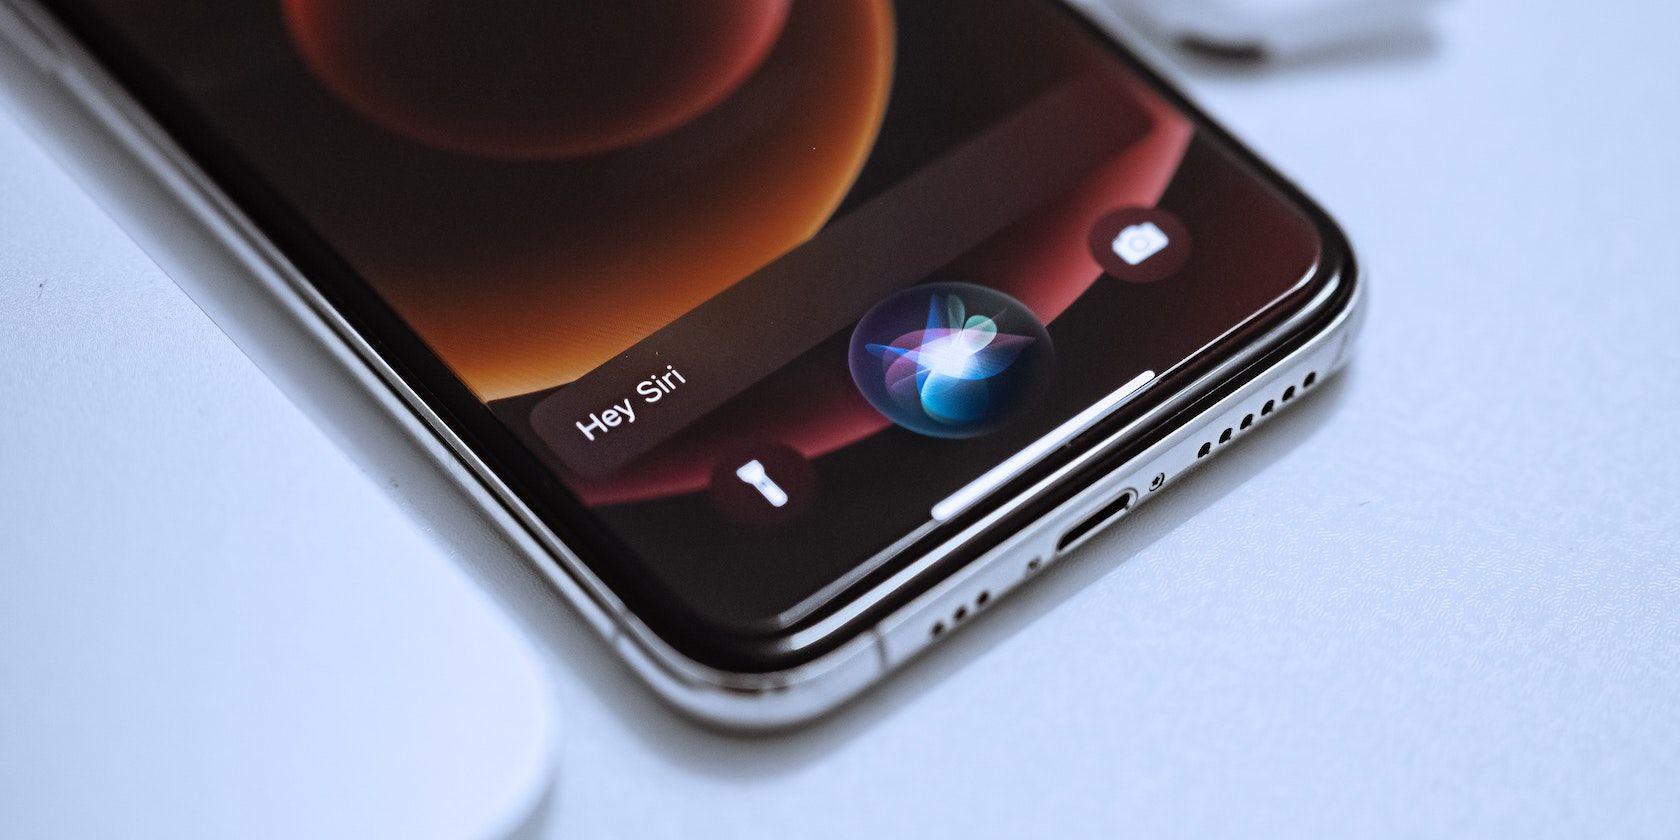 Los futuros dispositivos Apple pueden reconocer su voz, no se requiere micrófono